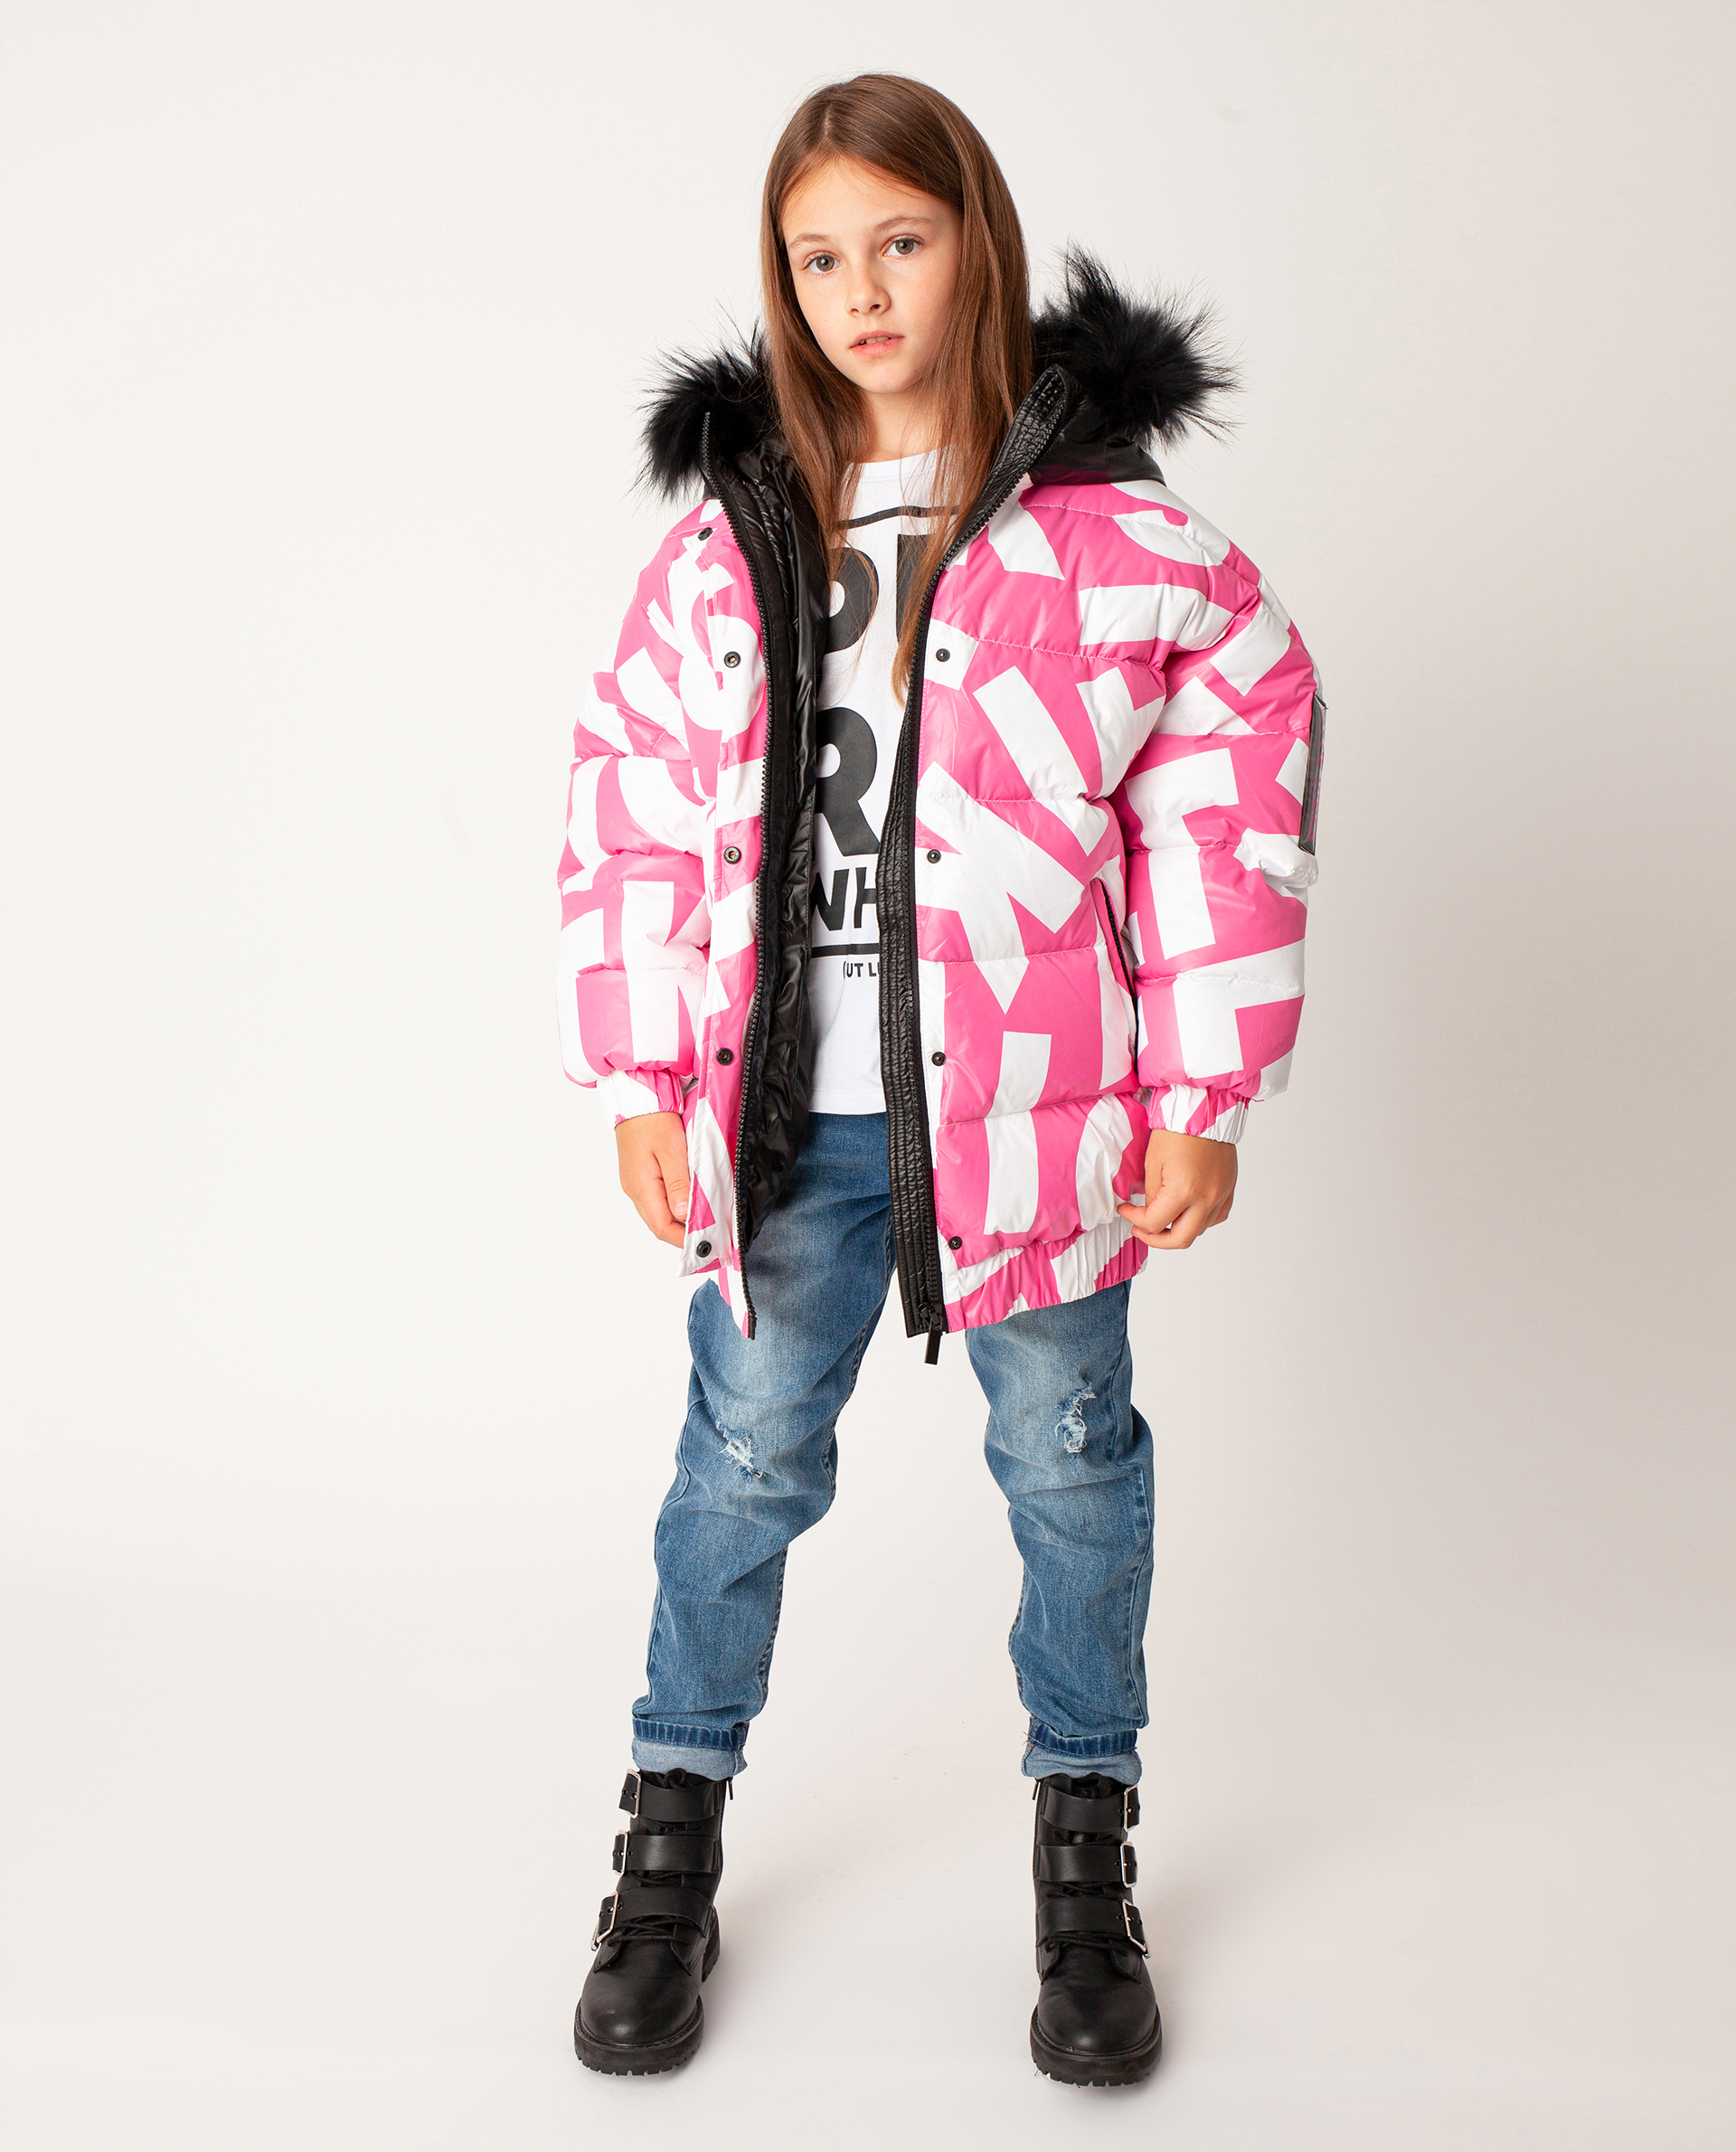 Купить 22009GJC4102, Розовая куртка зимняя Gulliver, розовый, 164, Полиэстер, Женский, Зима, ОСЕНЬ/ЗИМА 2020-2021 (shop: GulliverMarket Gulliver Market)